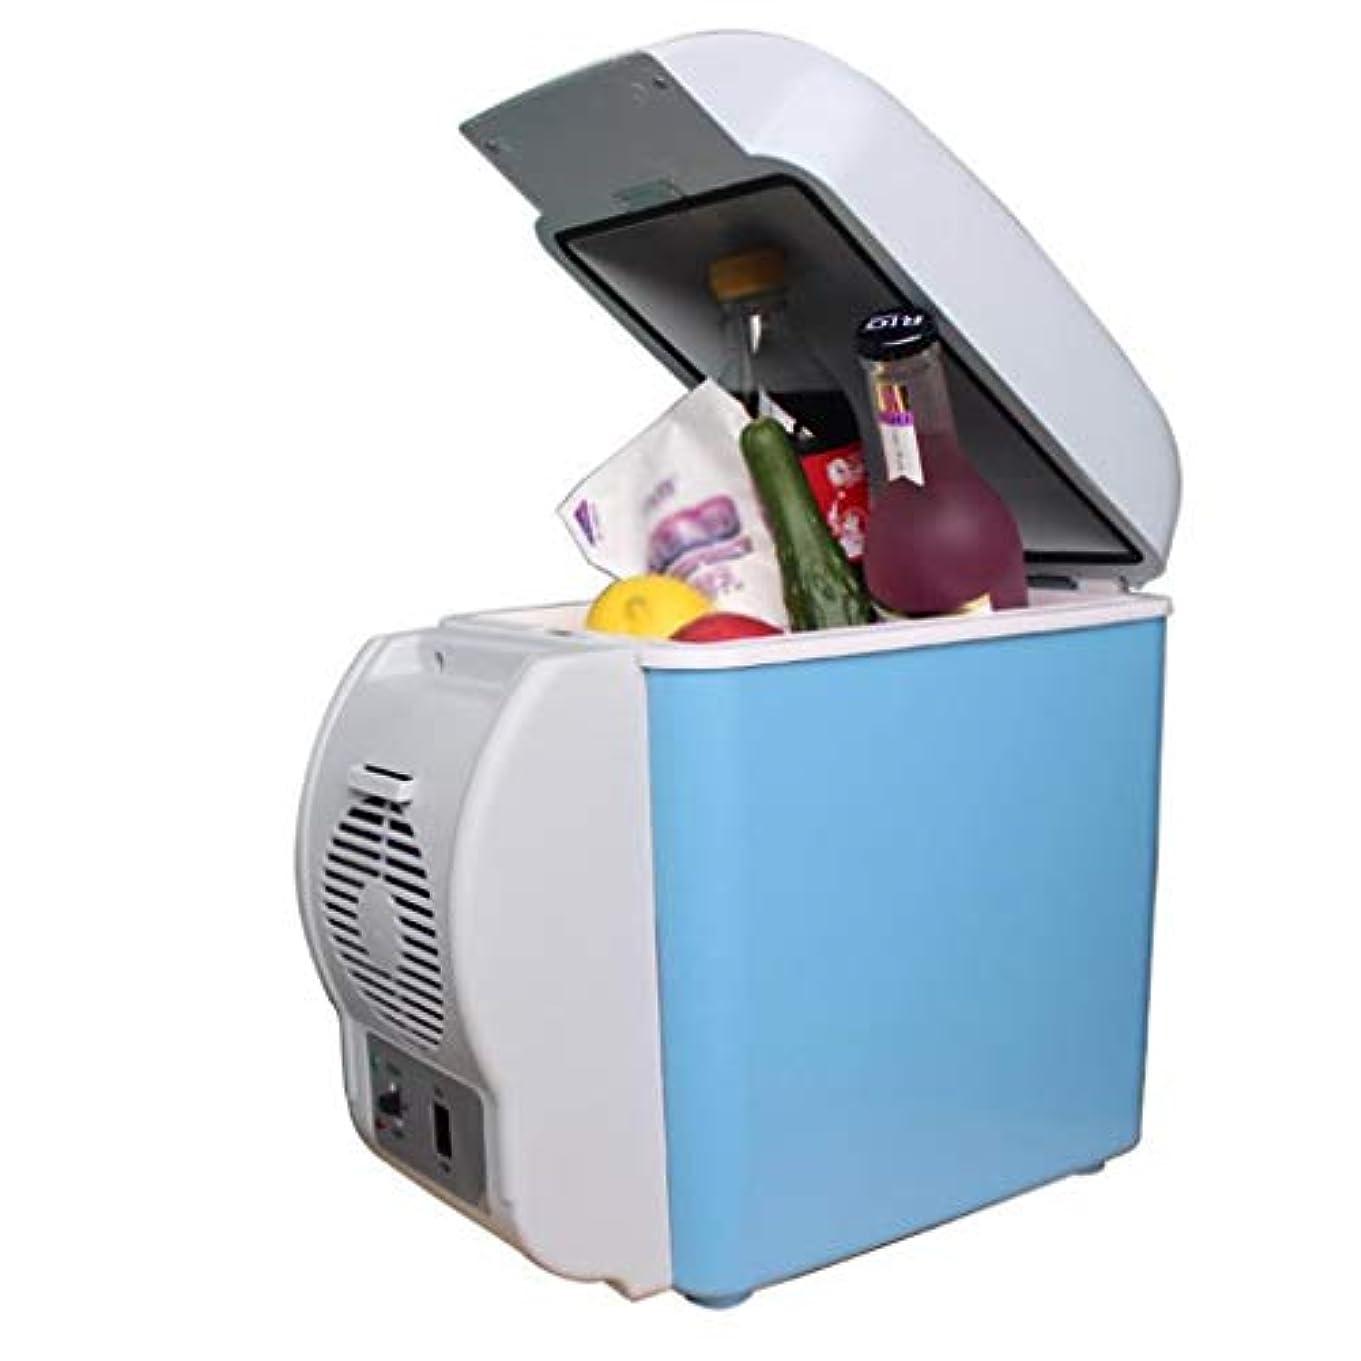 最適パンツ受け入れる7.5リットル車冷蔵庫ミニポータブル冷蔵庫冷凍庫多機能冷凍インキュベーター自動コンプレッサー